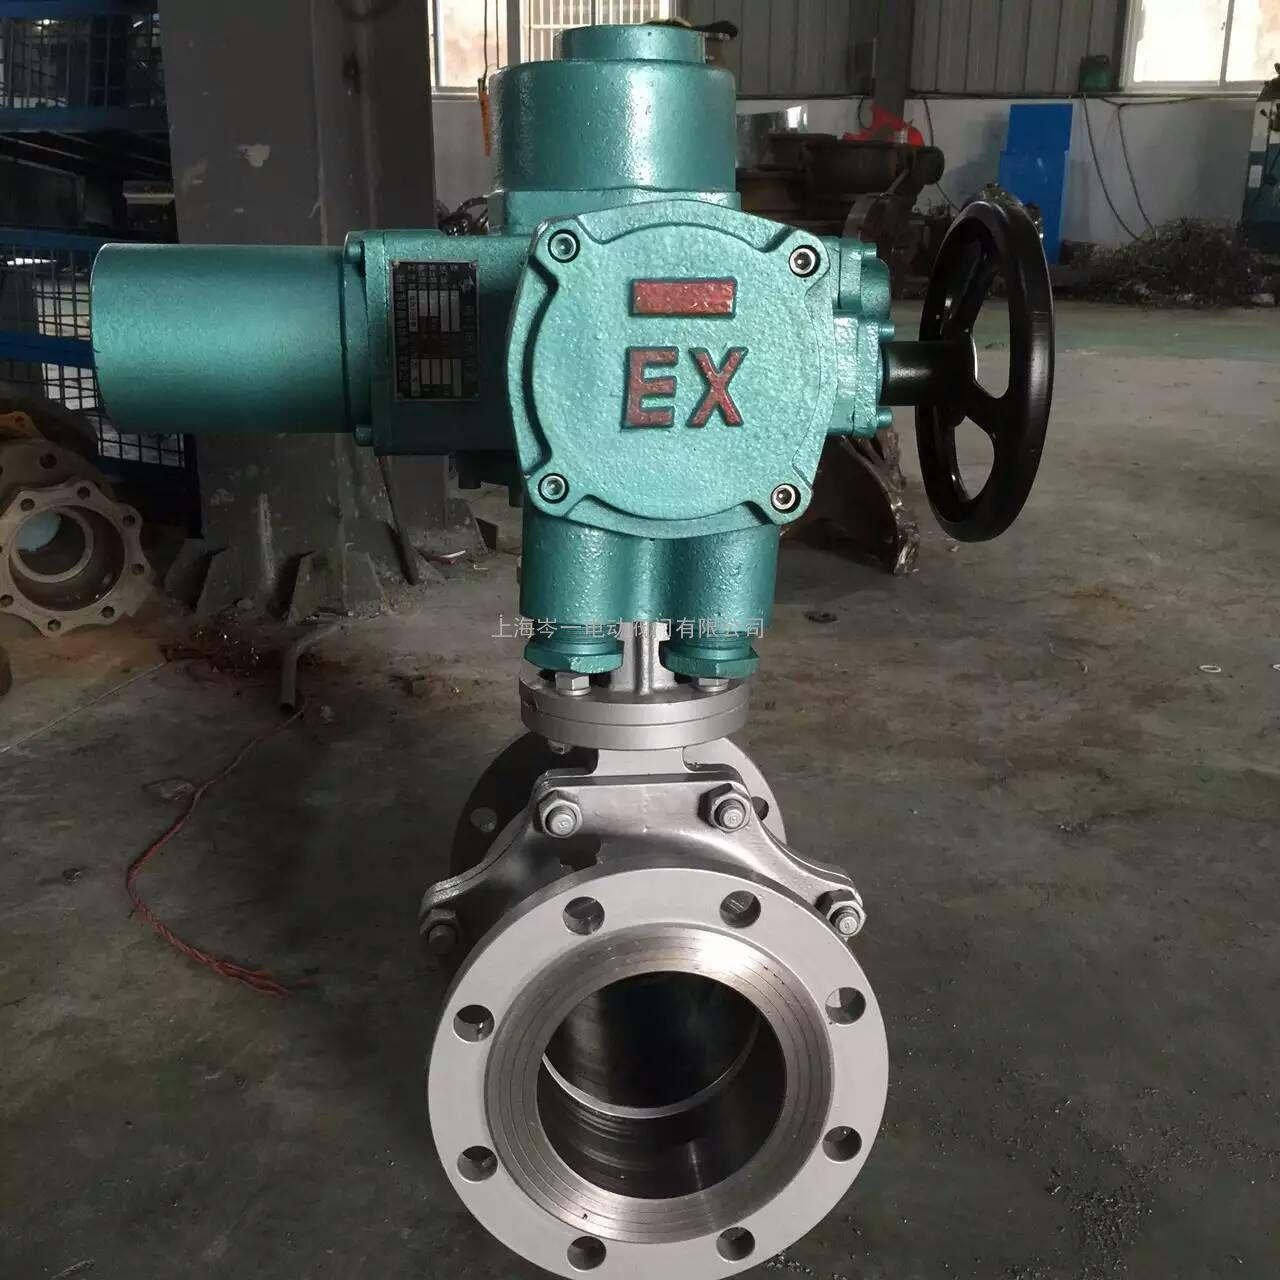 使用铸钢电动球阀 不锈钢电动球阀过程中执行器应注意什么